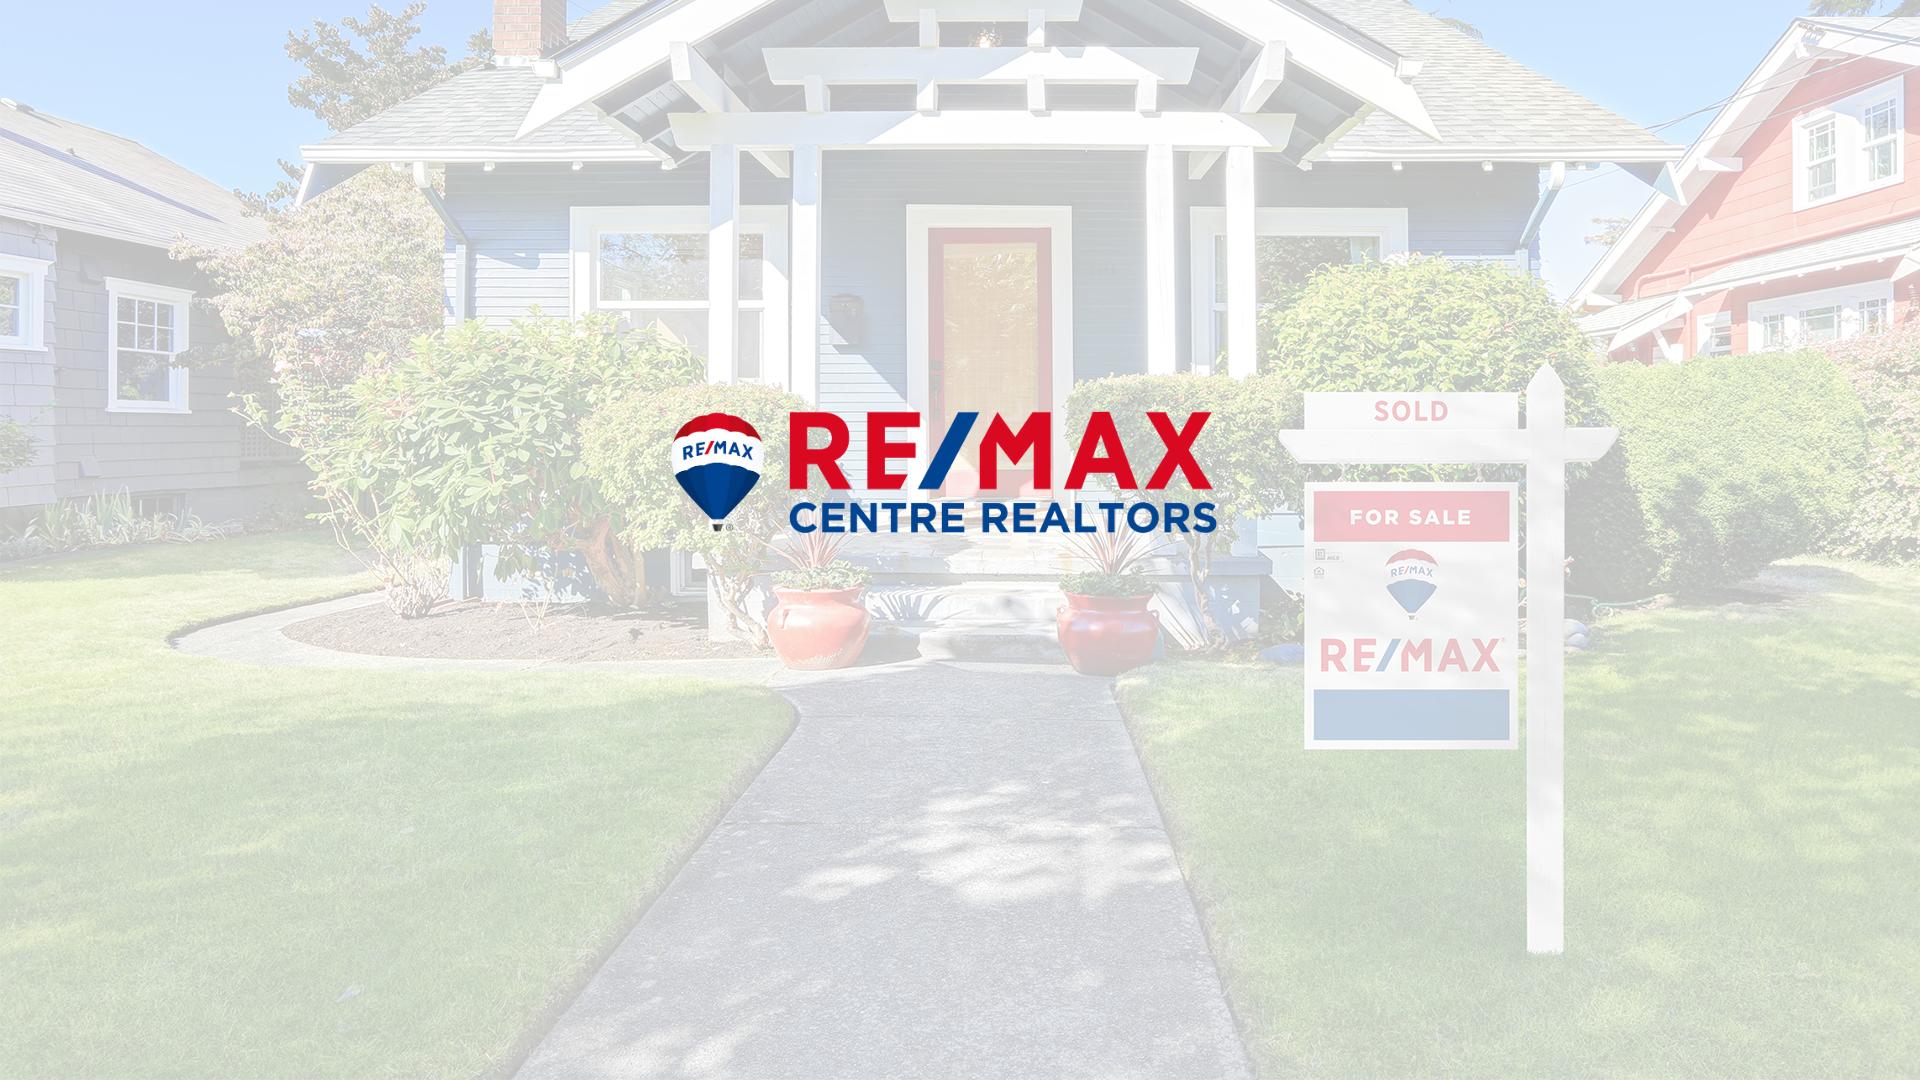 REMAX Centre Realtors